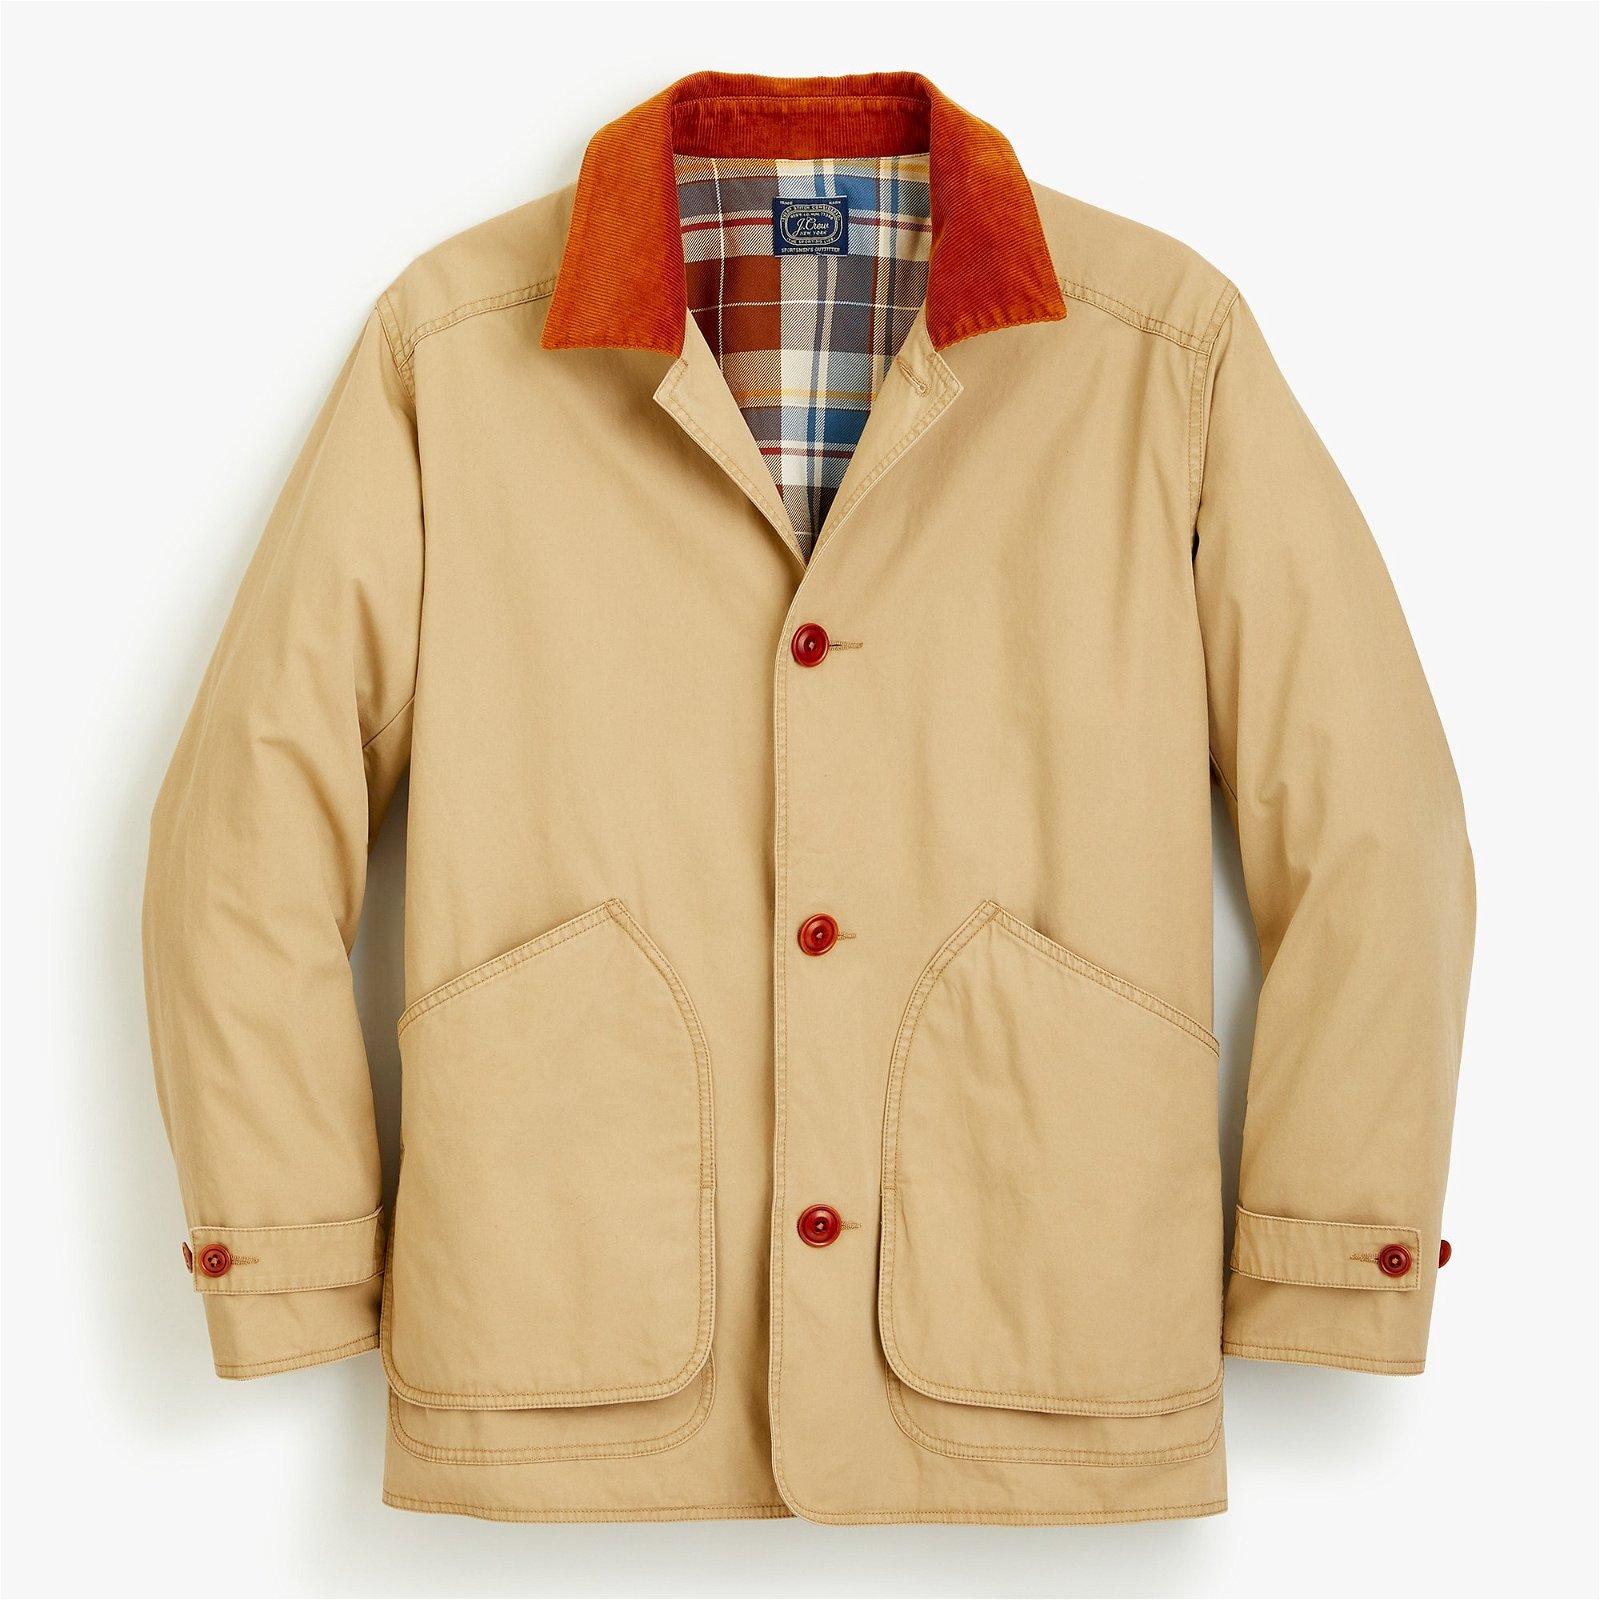 Unisex 1983 Barn Jacket